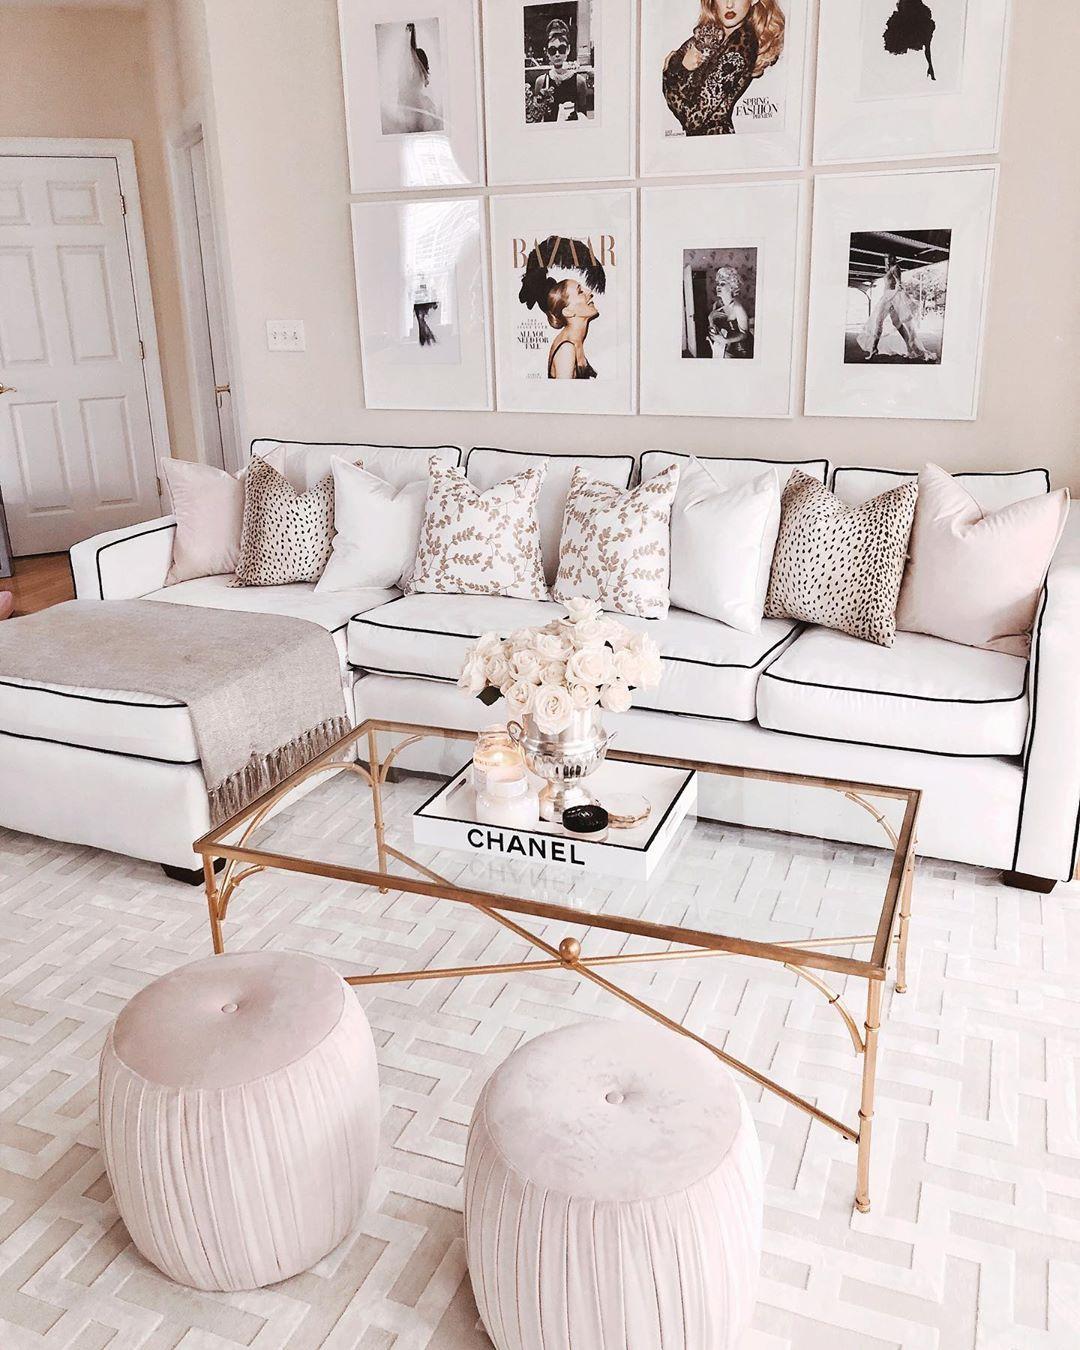 Glam Living Room mit Haute Couture Art und Büchern via @xolexpyfrom